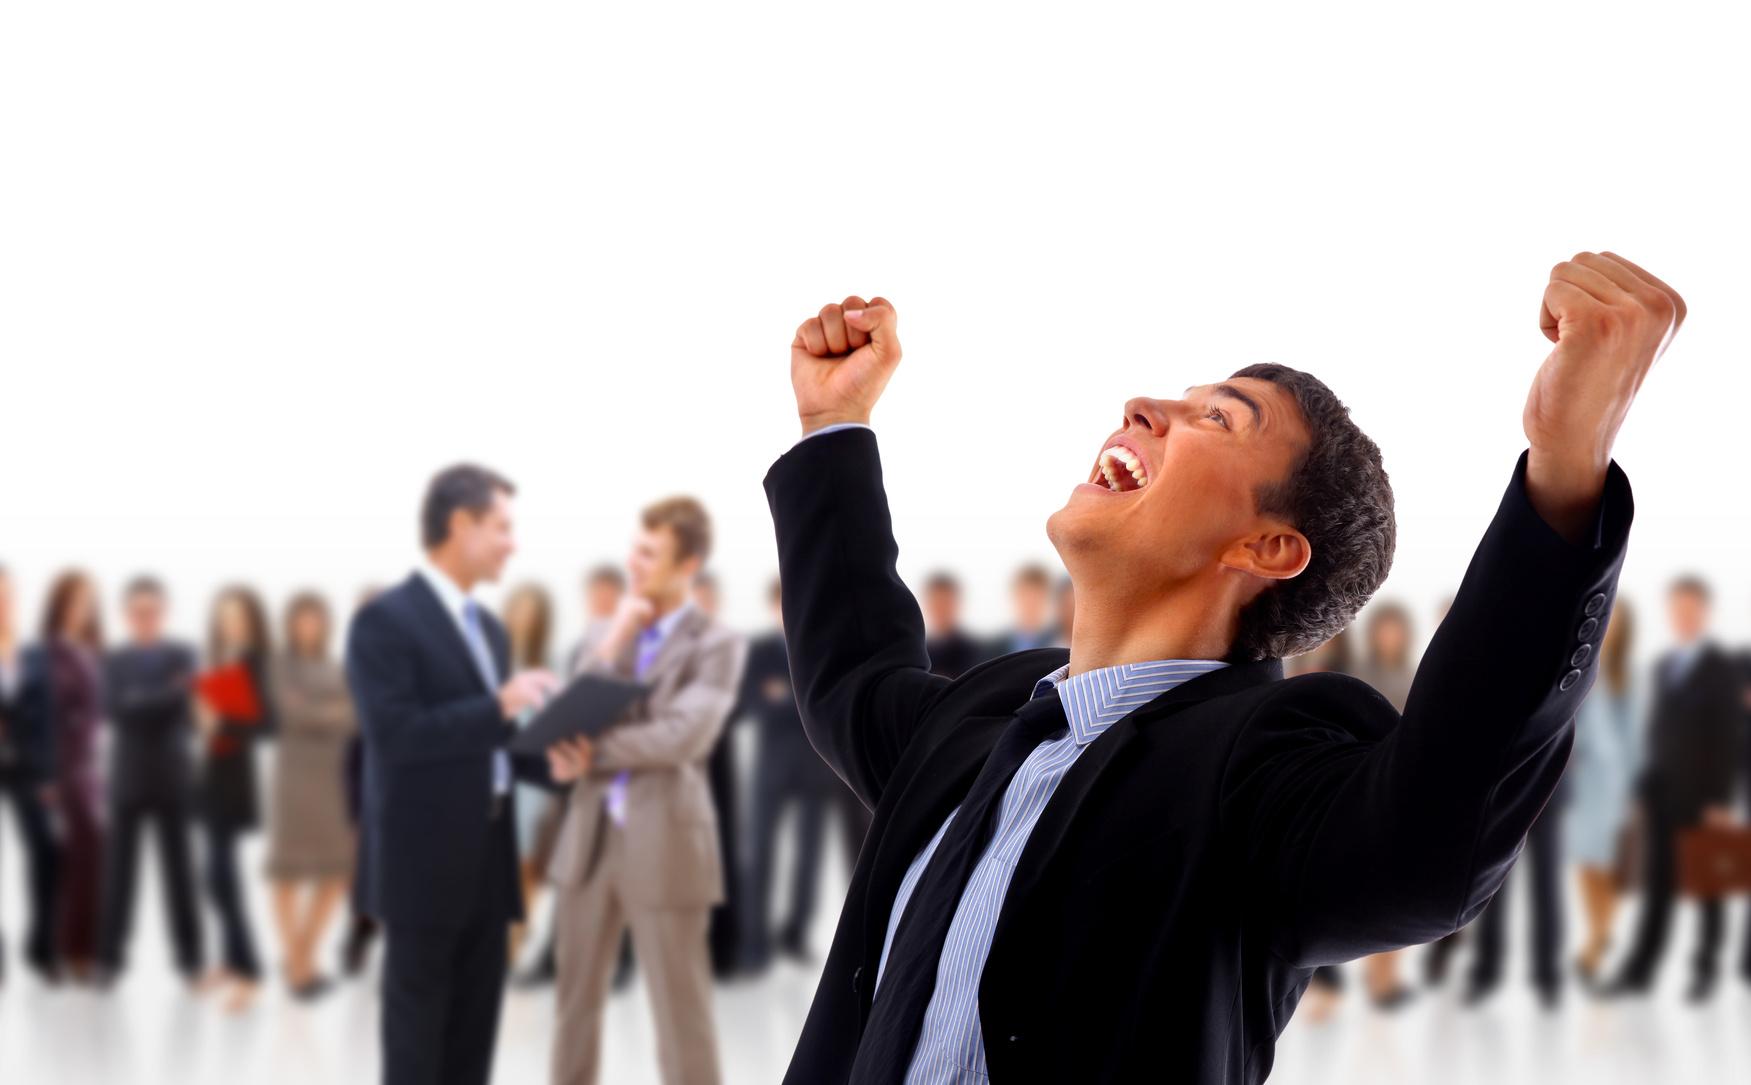 Бизнесмены и духовенство УПЦ станут спикерами на встрече, посвященной вере и успеху в бизнесе